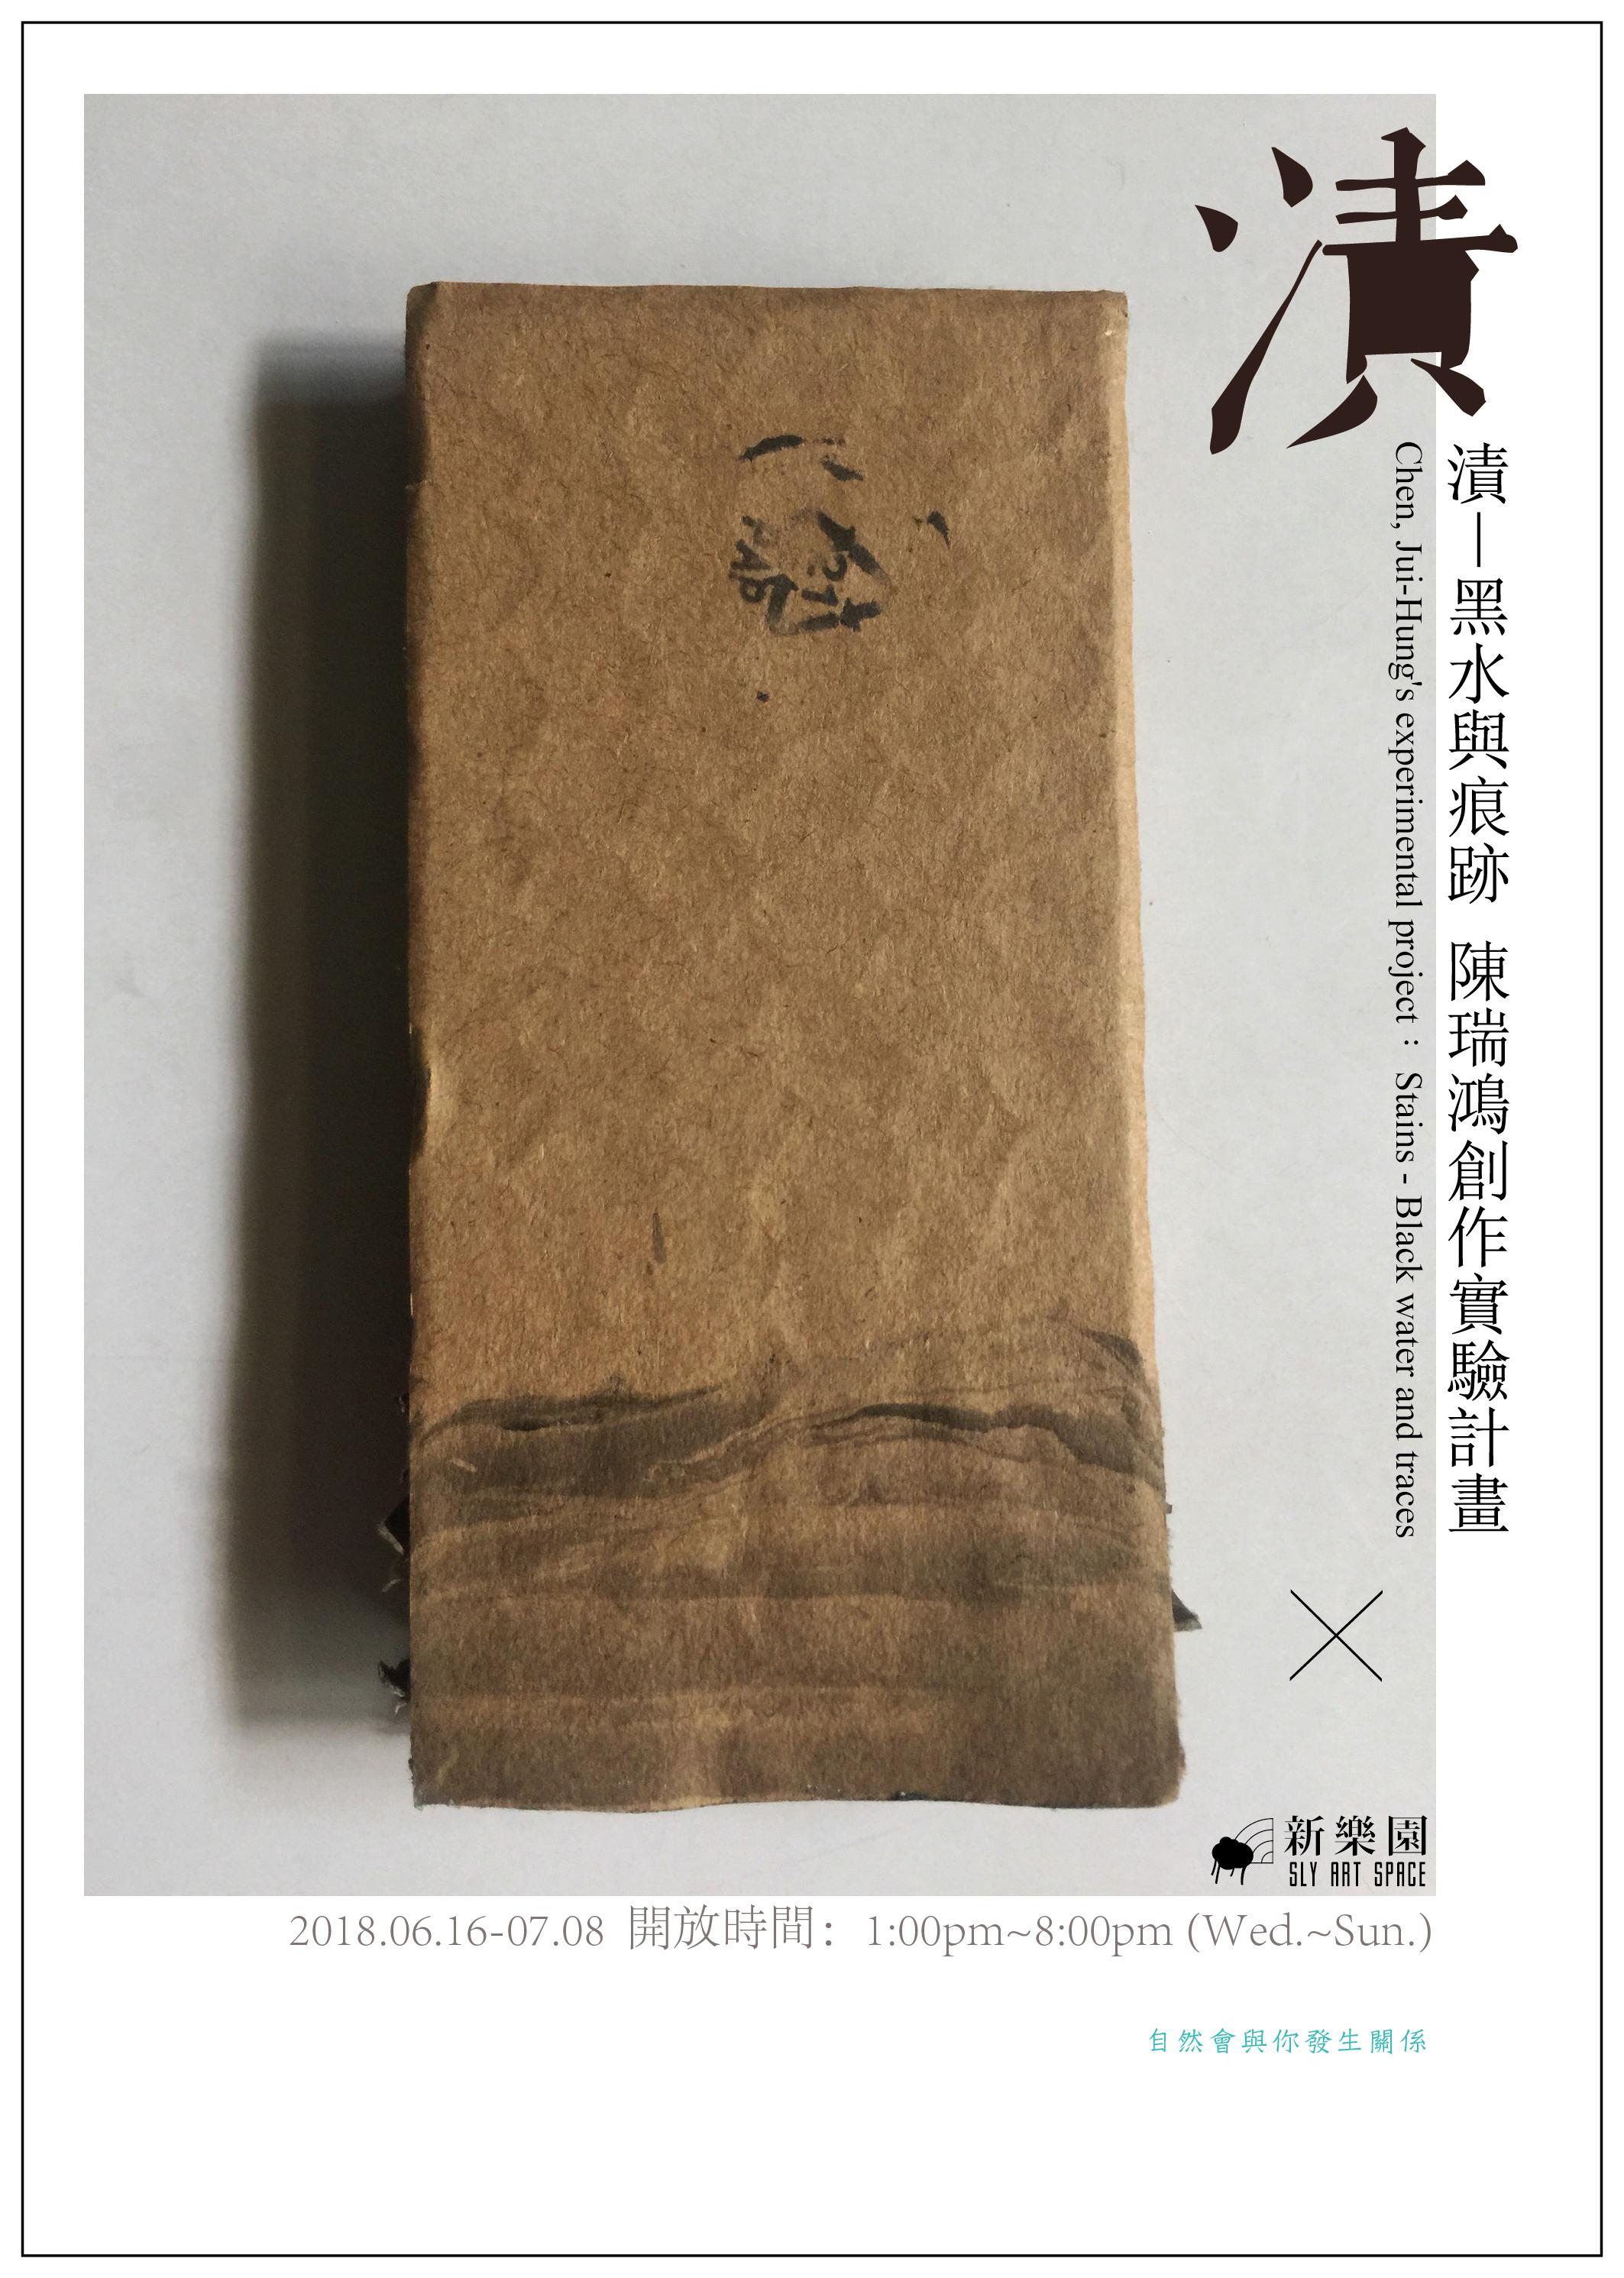 【展覽資訊|漬-黑水與痕跡 陳瑞鴻創作實驗計劃】